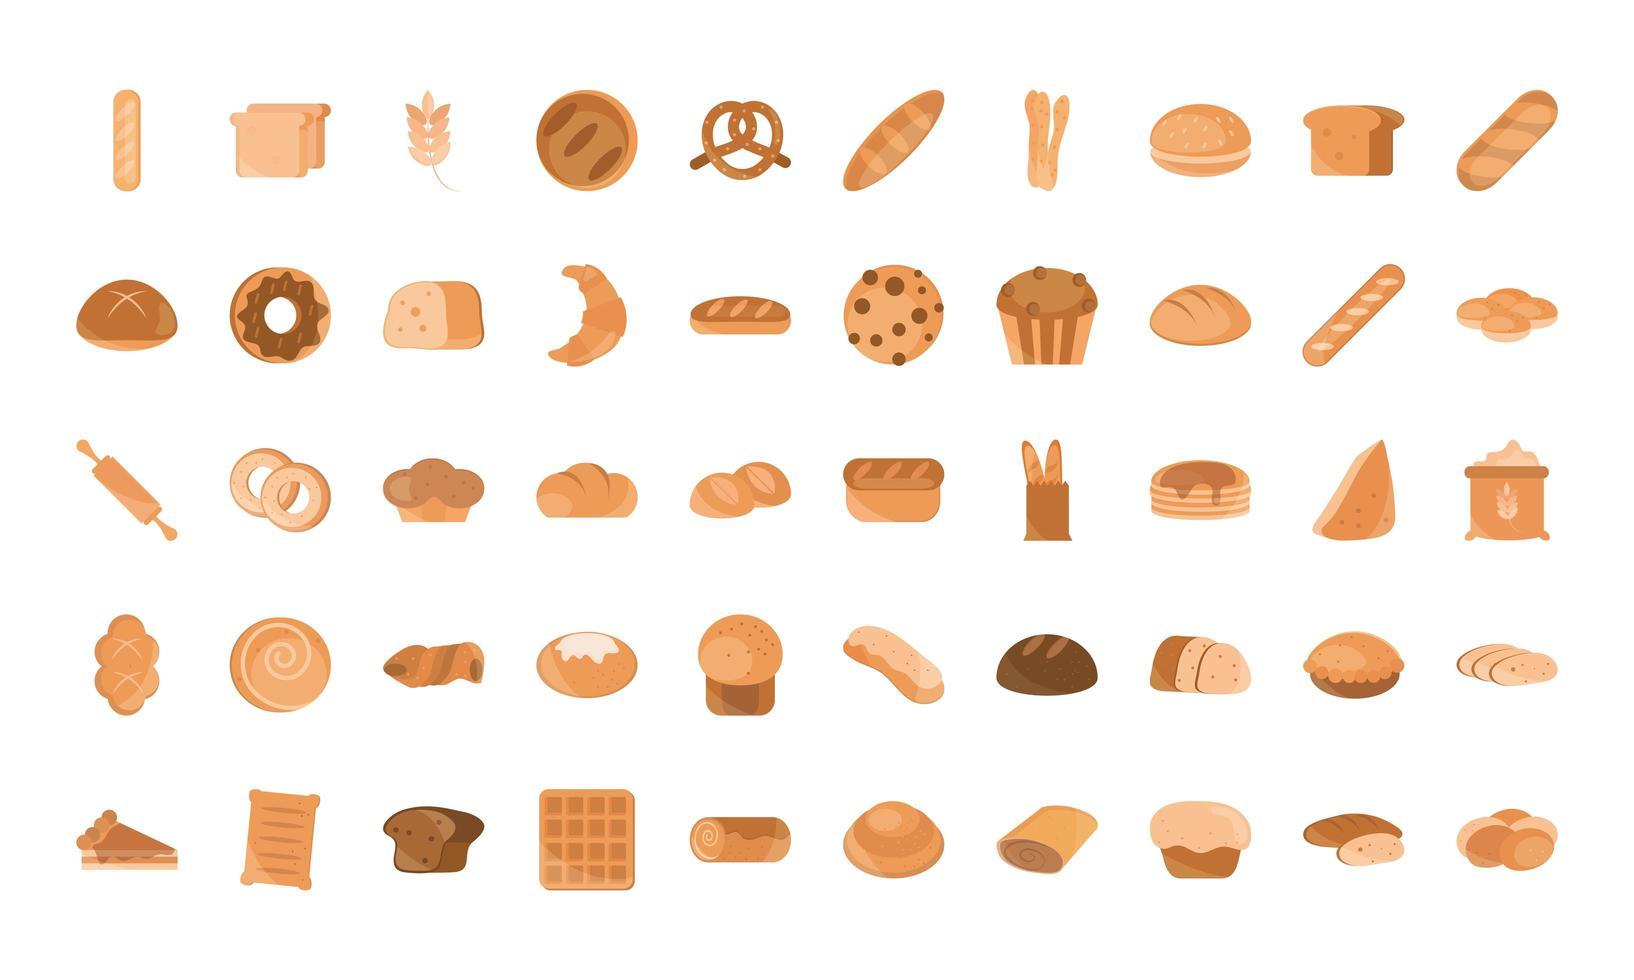 conjunto de iconos de estilo plano de panadería y productos rechazados vector